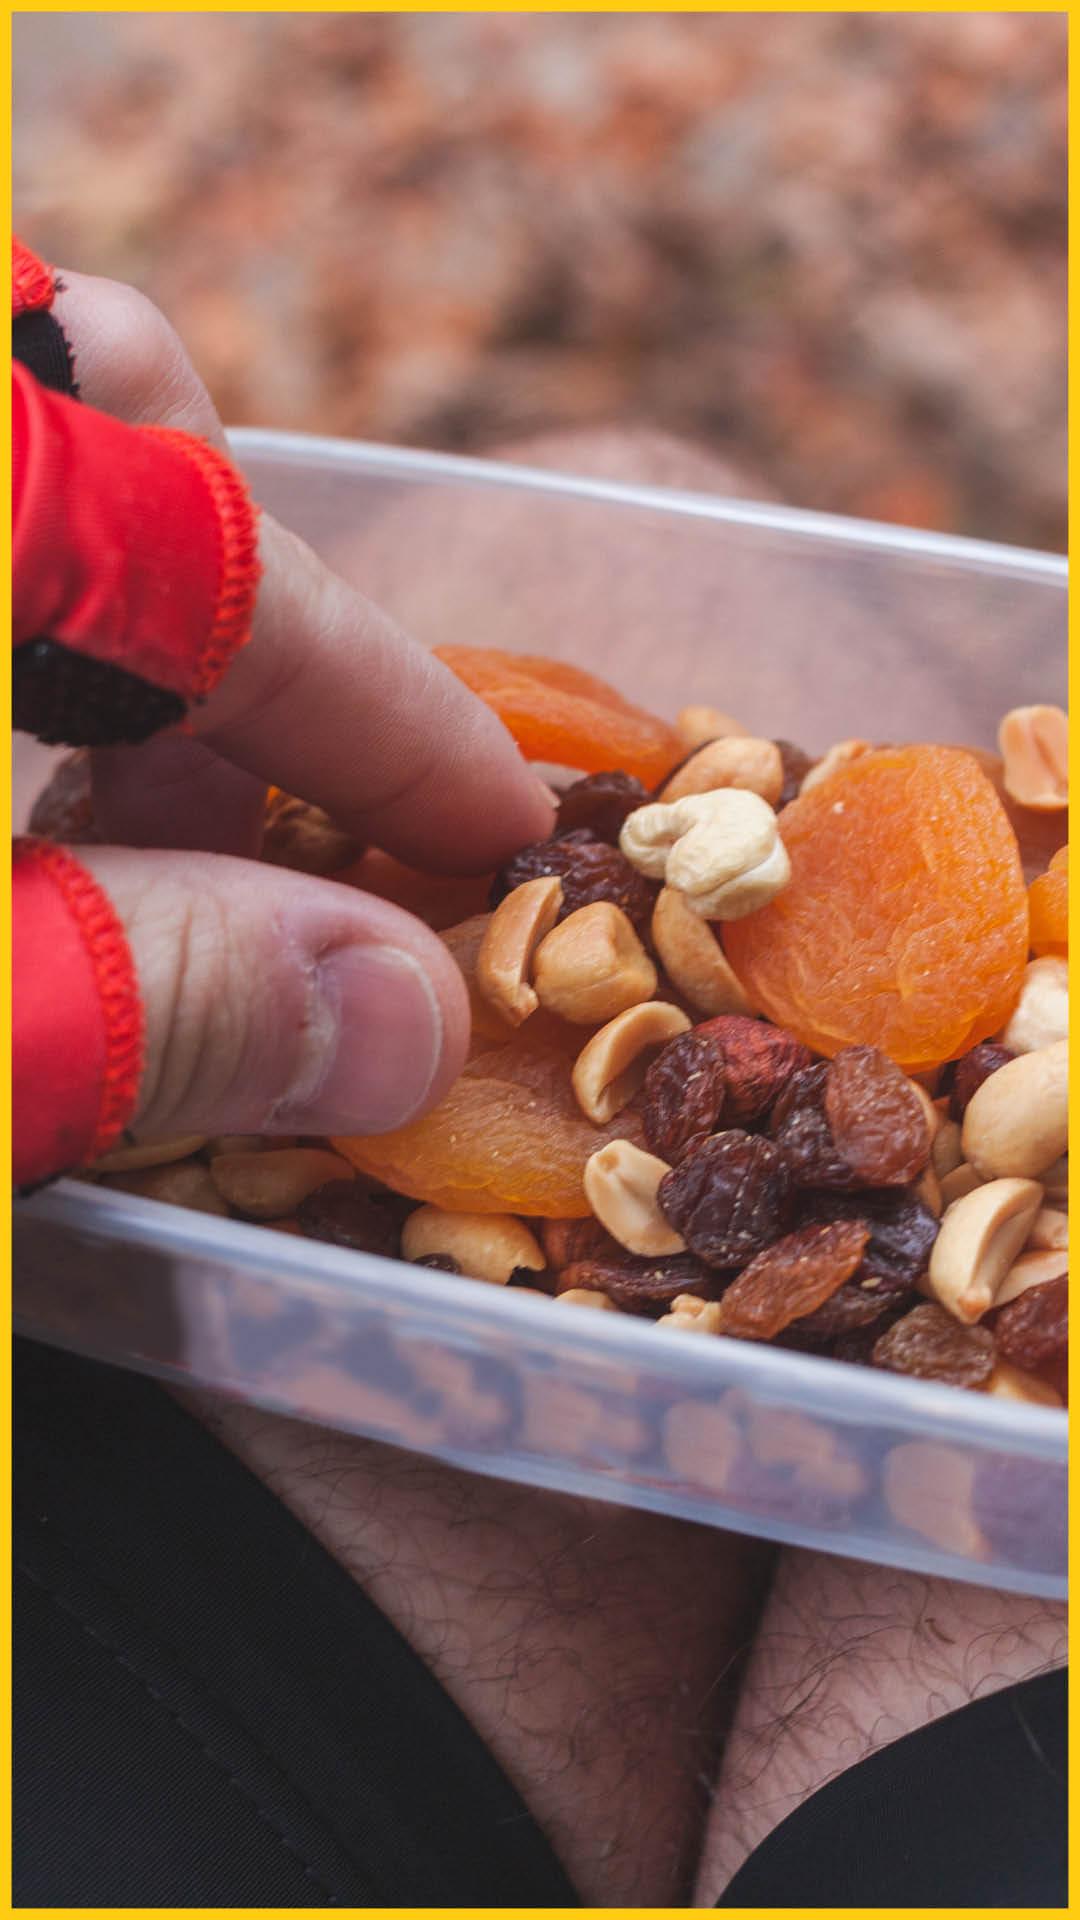 Hand eines Bikers greift in eine Schale mit Studentenfuttrt und getrockneten Früchten